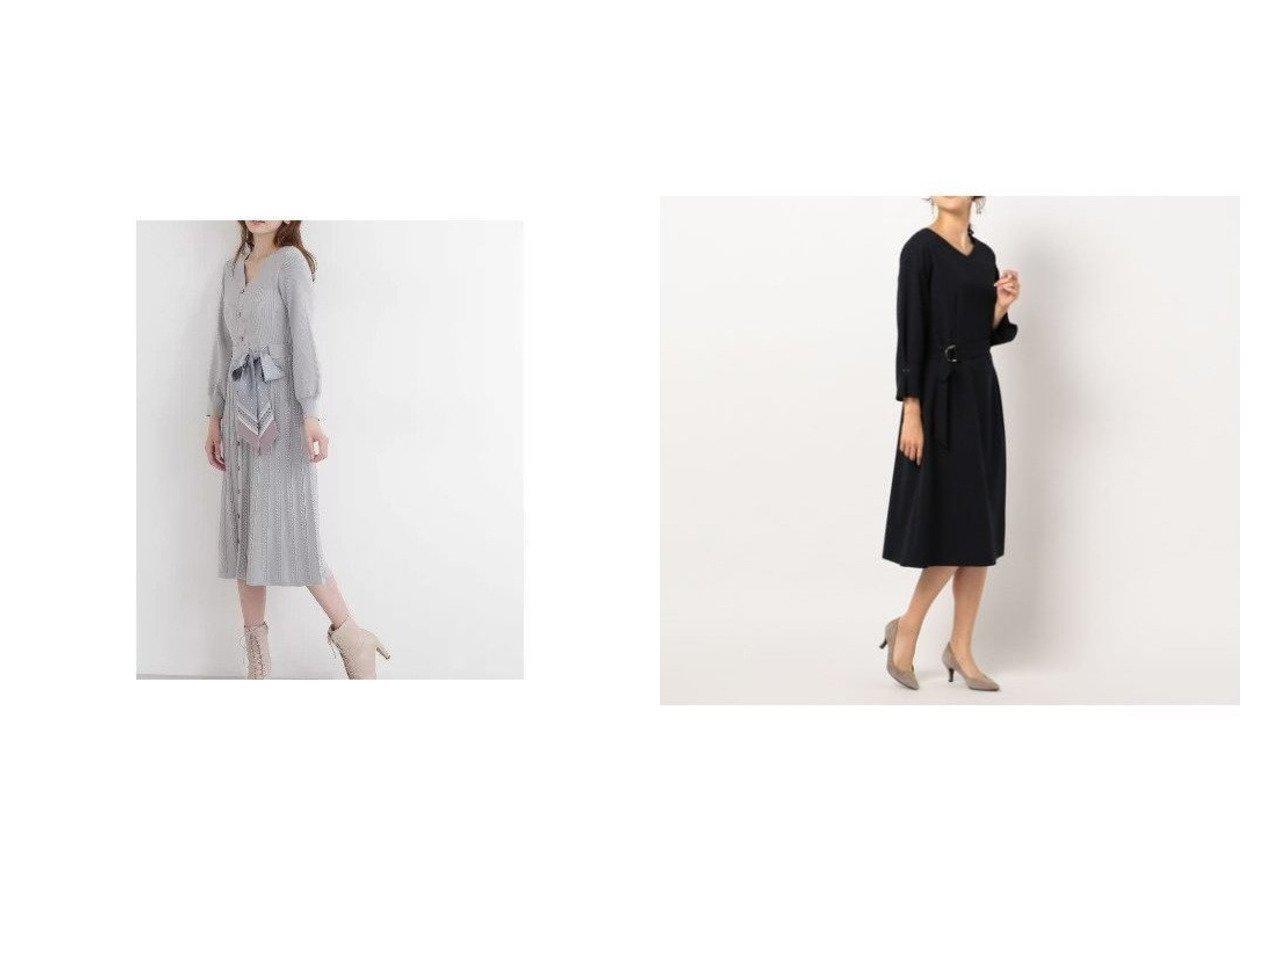 【NOLLEY'S/ノーリーズ】のウーリージョーゼットワンピース&【JILL by JILLSTUART/ジルバイジルスチュアート】のスカーフ付ニットワンピース ワンピース・ドレスのおすすめ!人気、レディースファッションの通販 おすすめで人気のファッション通販商品 インテリア・家具・キッズファッション・メンズファッション・レディースファッション・服の通販 founy(ファニー) https://founy.com/ ファッション Fashion レディース WOMEN トップス Tops Tshirt ニット Knit Tops シャツ/ブラウス Shirts Blouses ワンピース Dress ニットワンピース Knit Dresses スカーフ 今季 秋冬 A/W Autumn/ Winter ジョーゼット リラックス 長袖 |ID:crp329100000002947